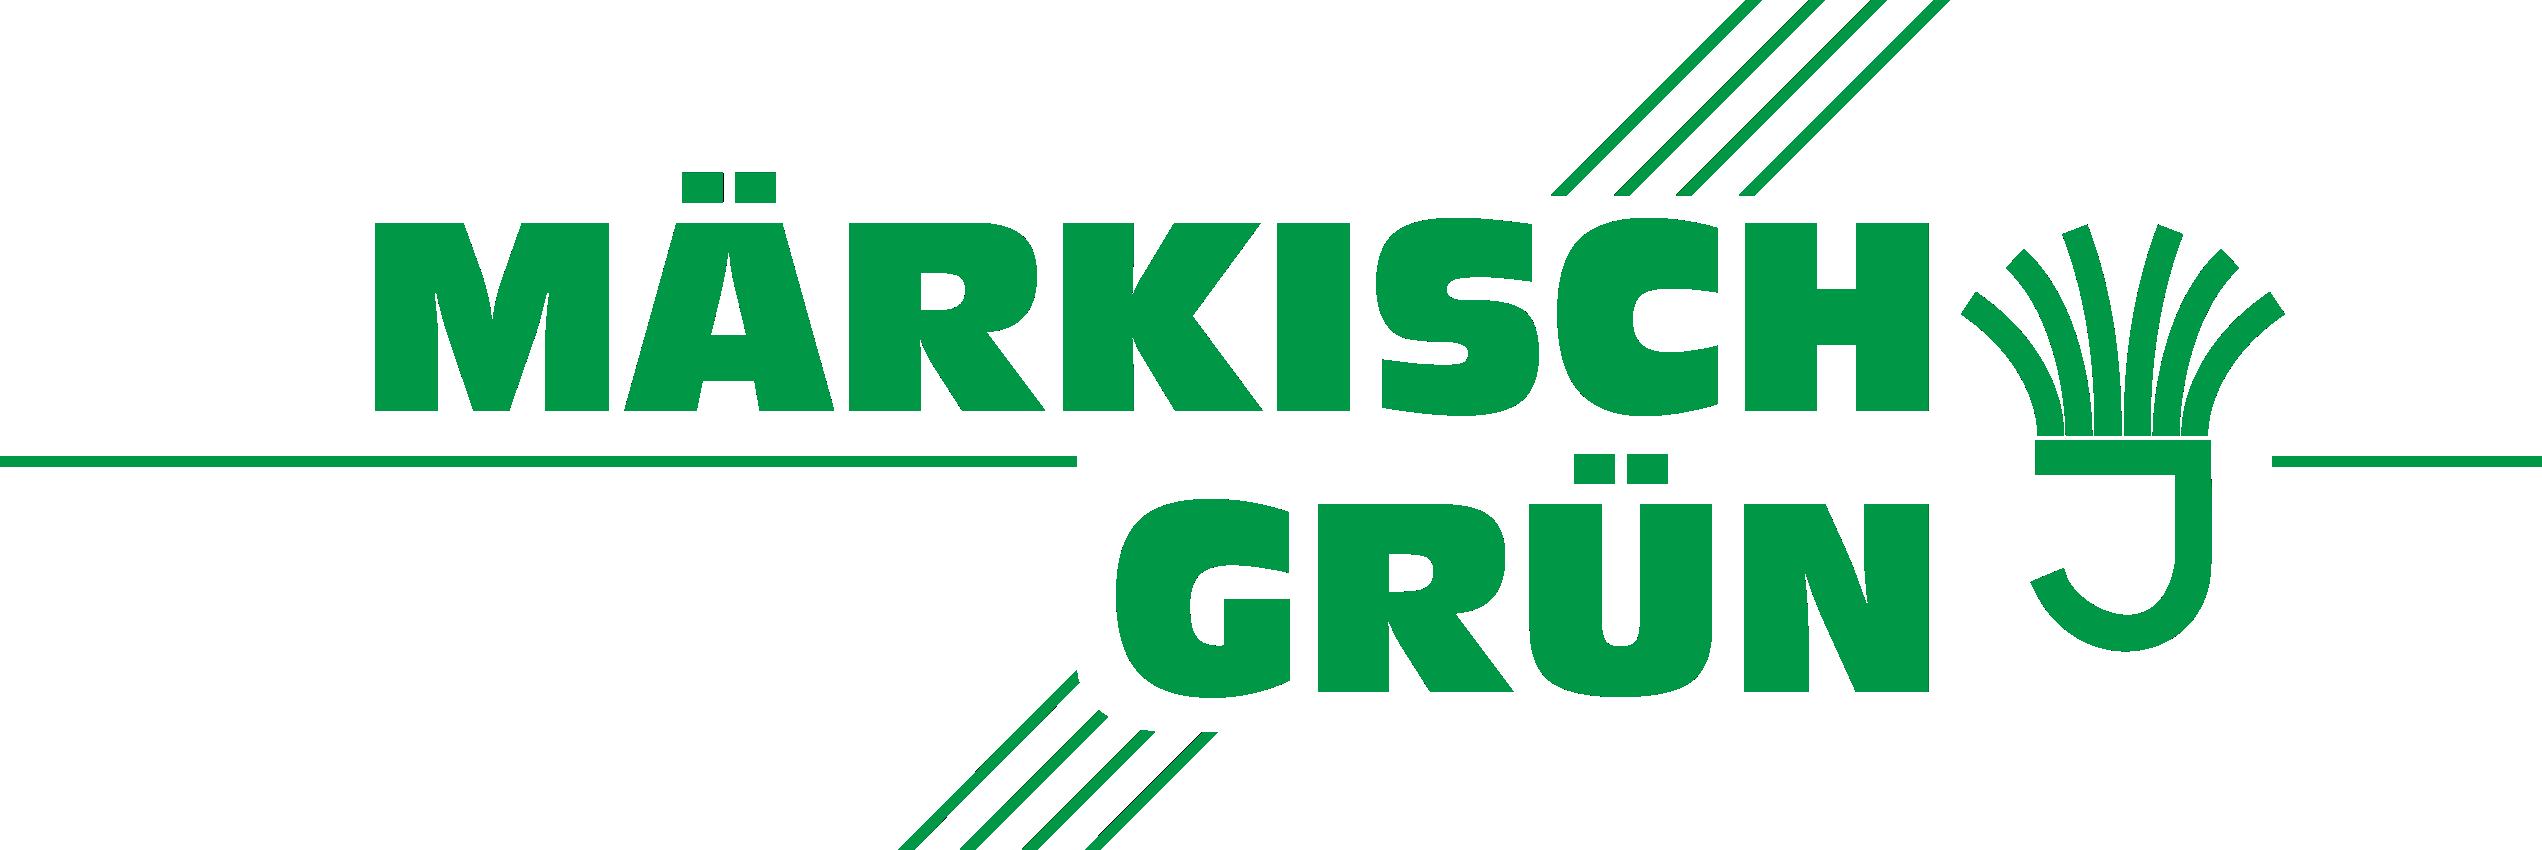 MÄRKISCH GRÜN GmbH